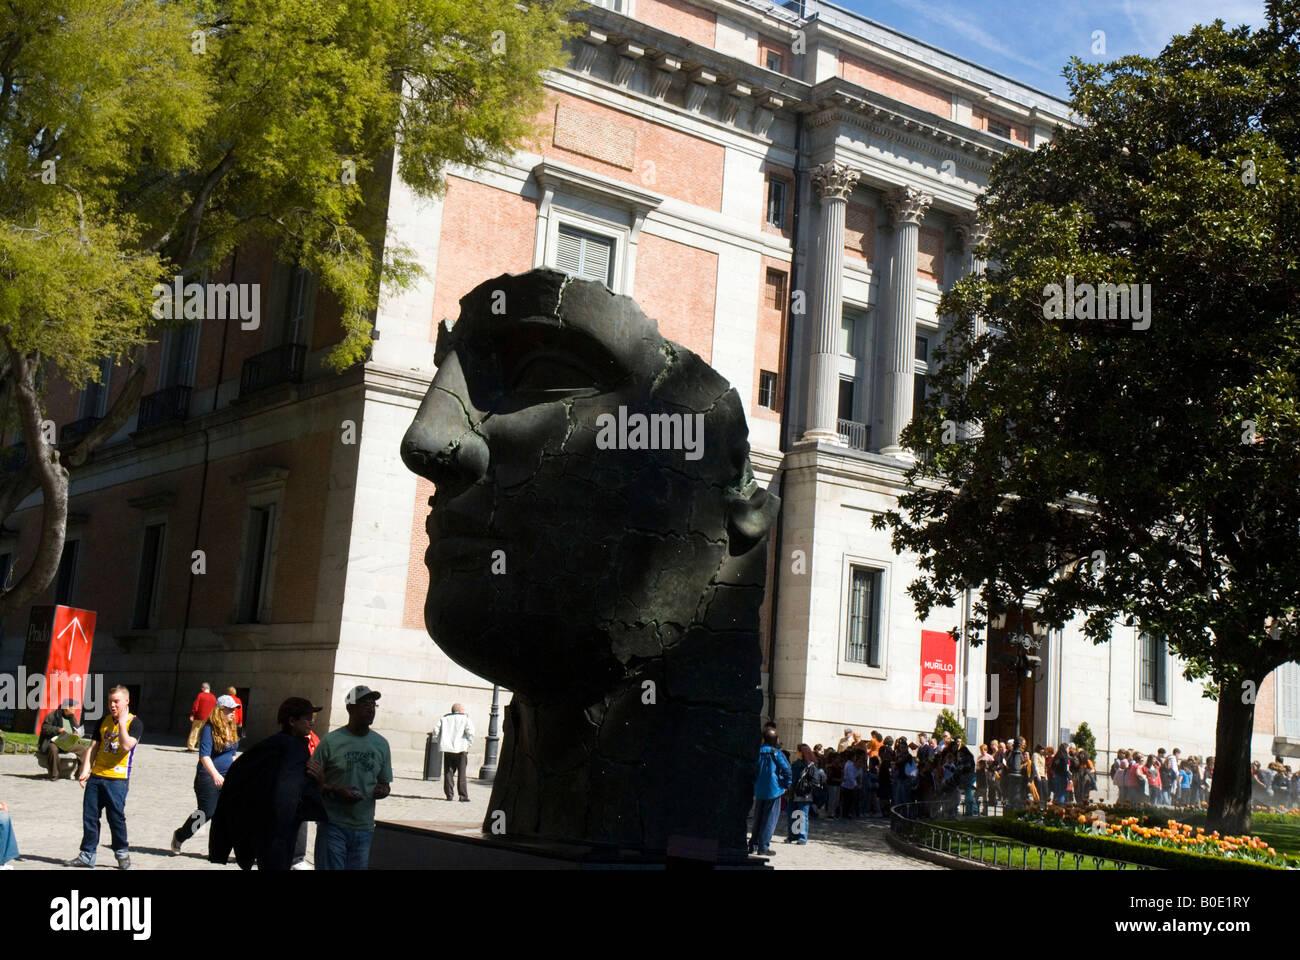 Sculpture Tindaro by Igor Mitoraj and Prado Museum in Paseo del Prado MADRID SPAIN - Stock Image